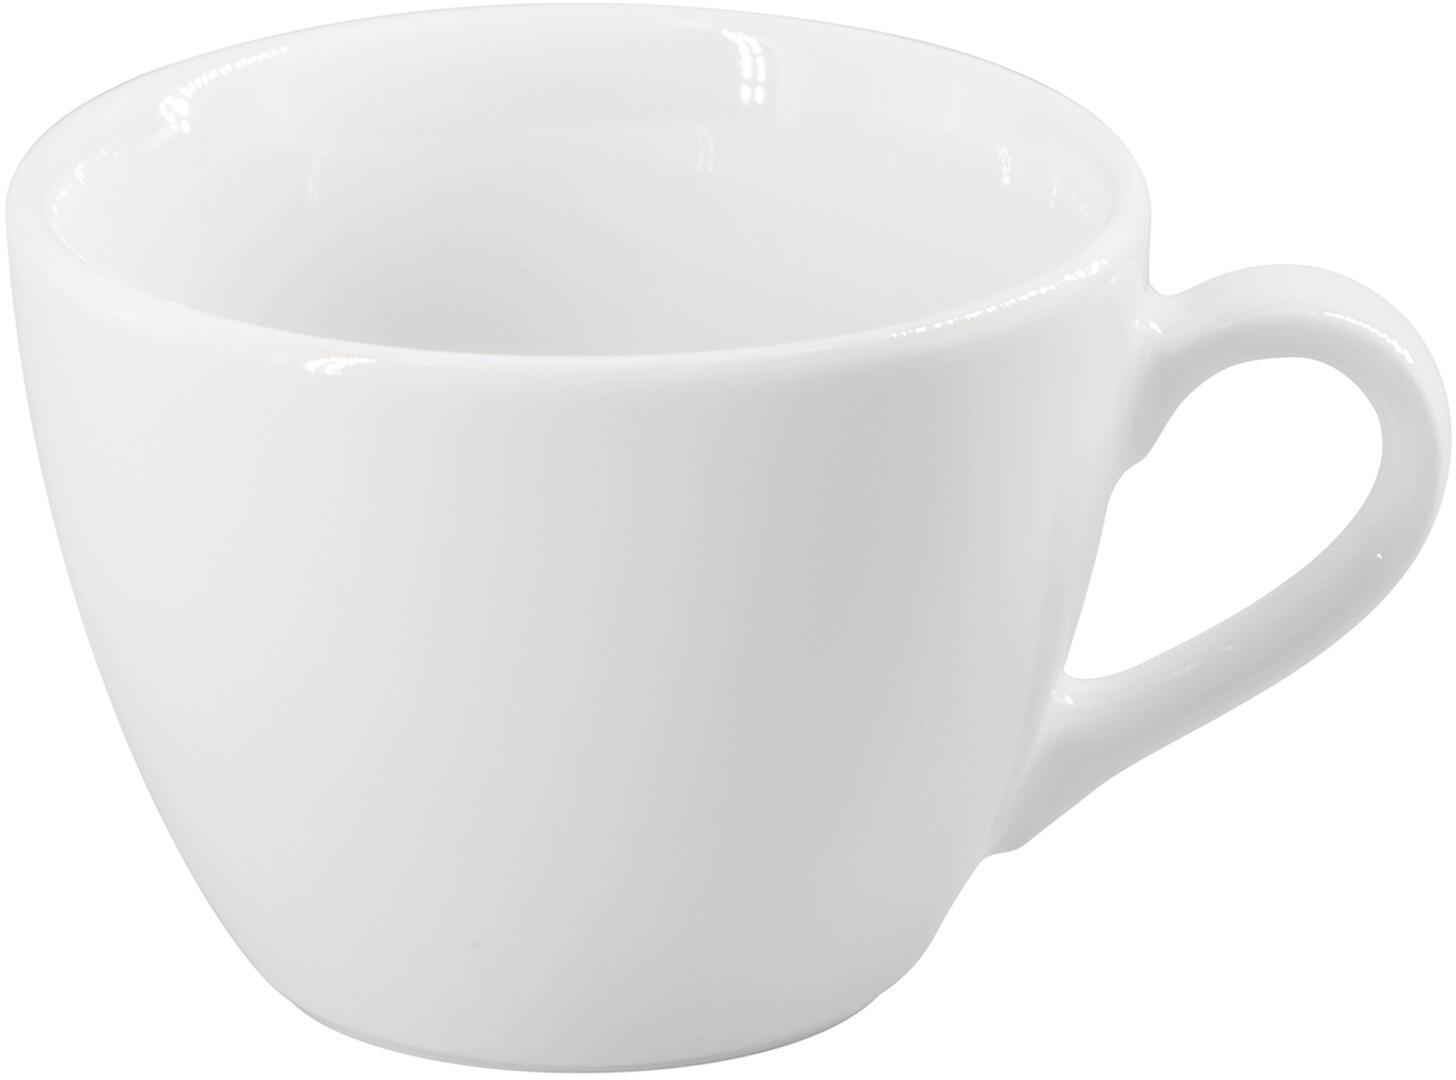 Eschenbach Porzellan Obertasse 0 21 L In Weiss Kochform